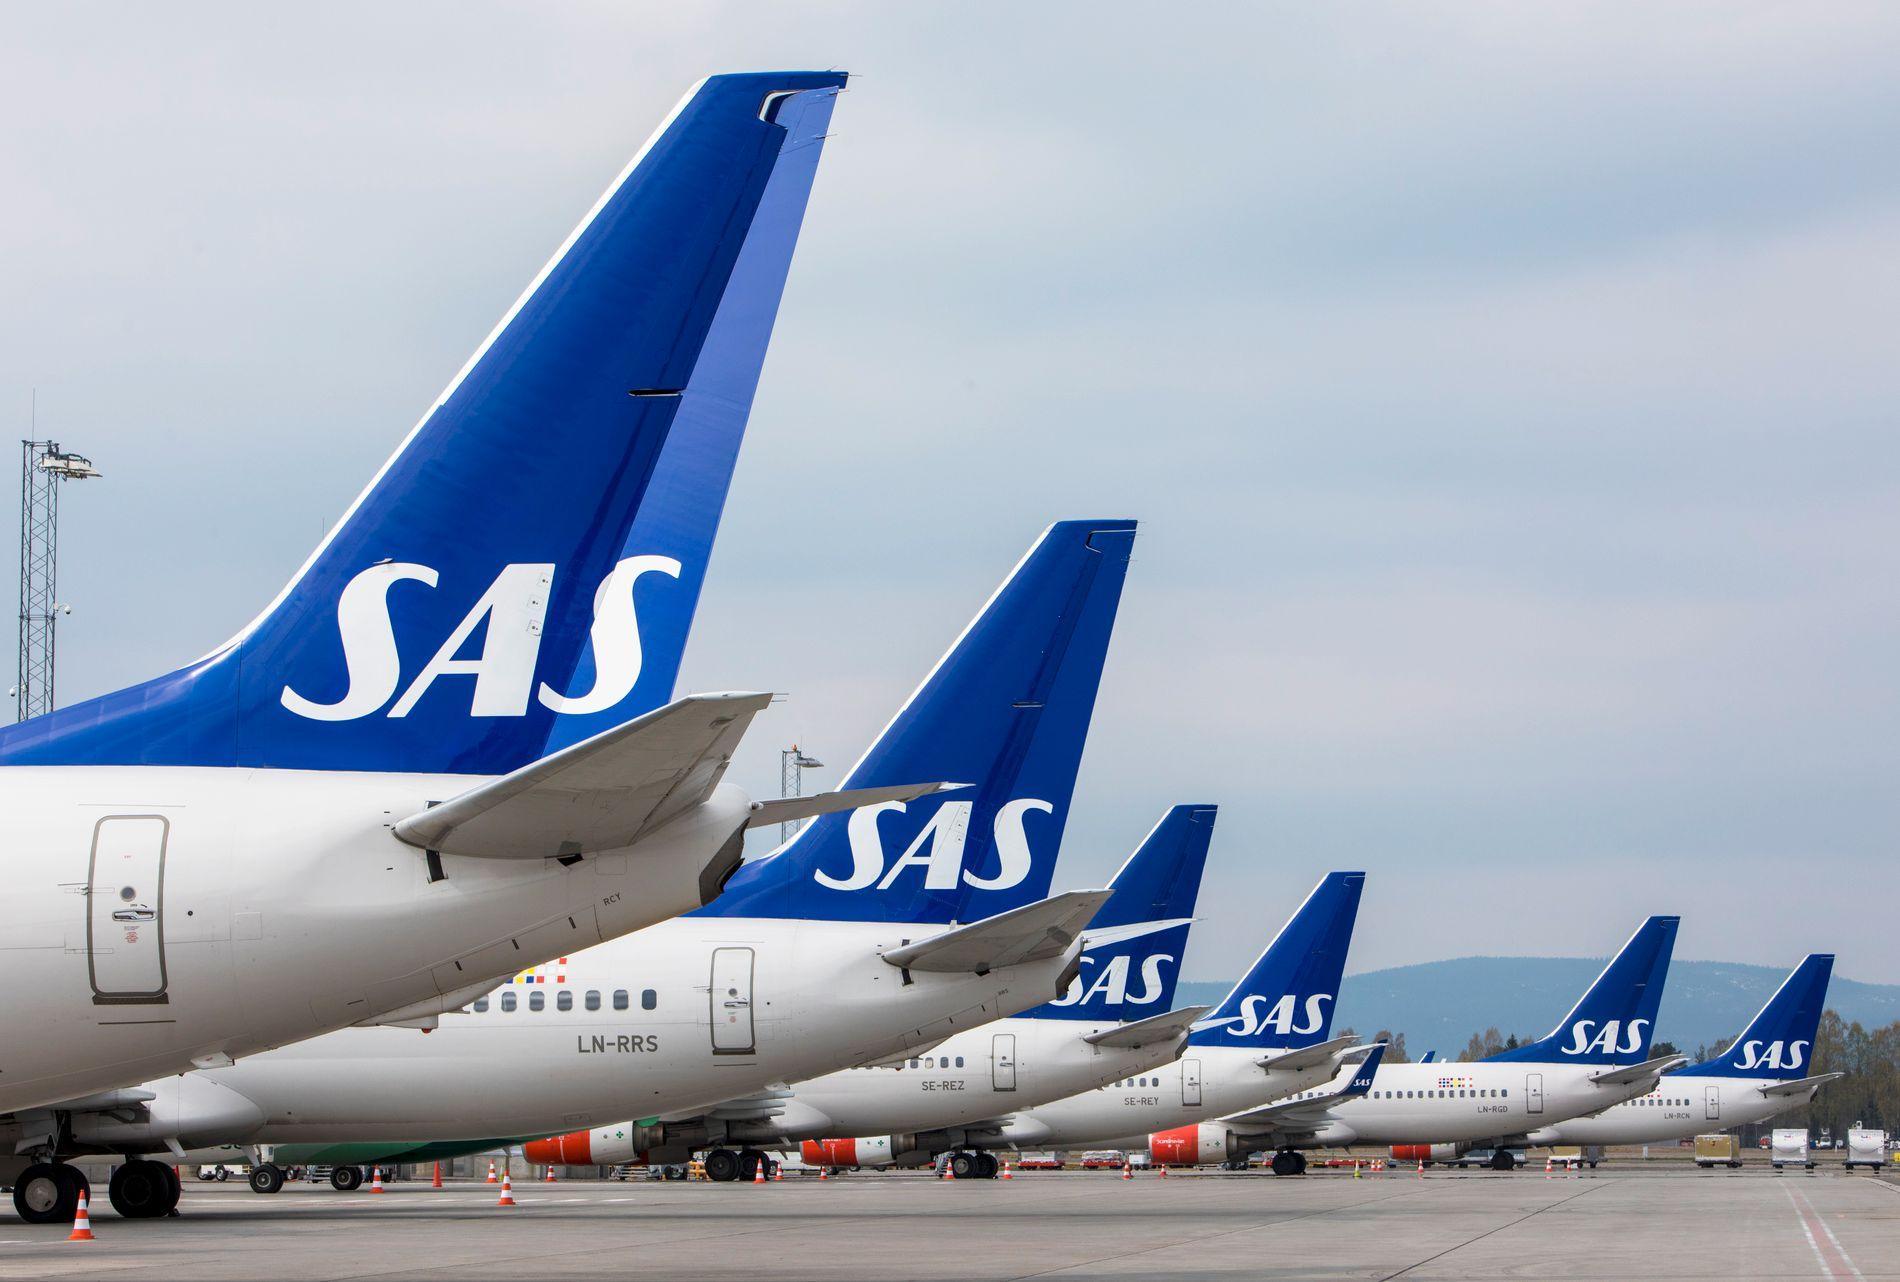 Det var i sekstiden fredag morgen at rundt 1.500 SAS-piloter gikk ut i streik etter at meklingen med NHO Luftfart brøt sammen. Siden den gang har SAS og pilotforeningen jobbet for å komme til enighet, men enn så enge har de ikke blitt enige om en avtale. Foto: Ole Berg-Rusten / NTB scanpix